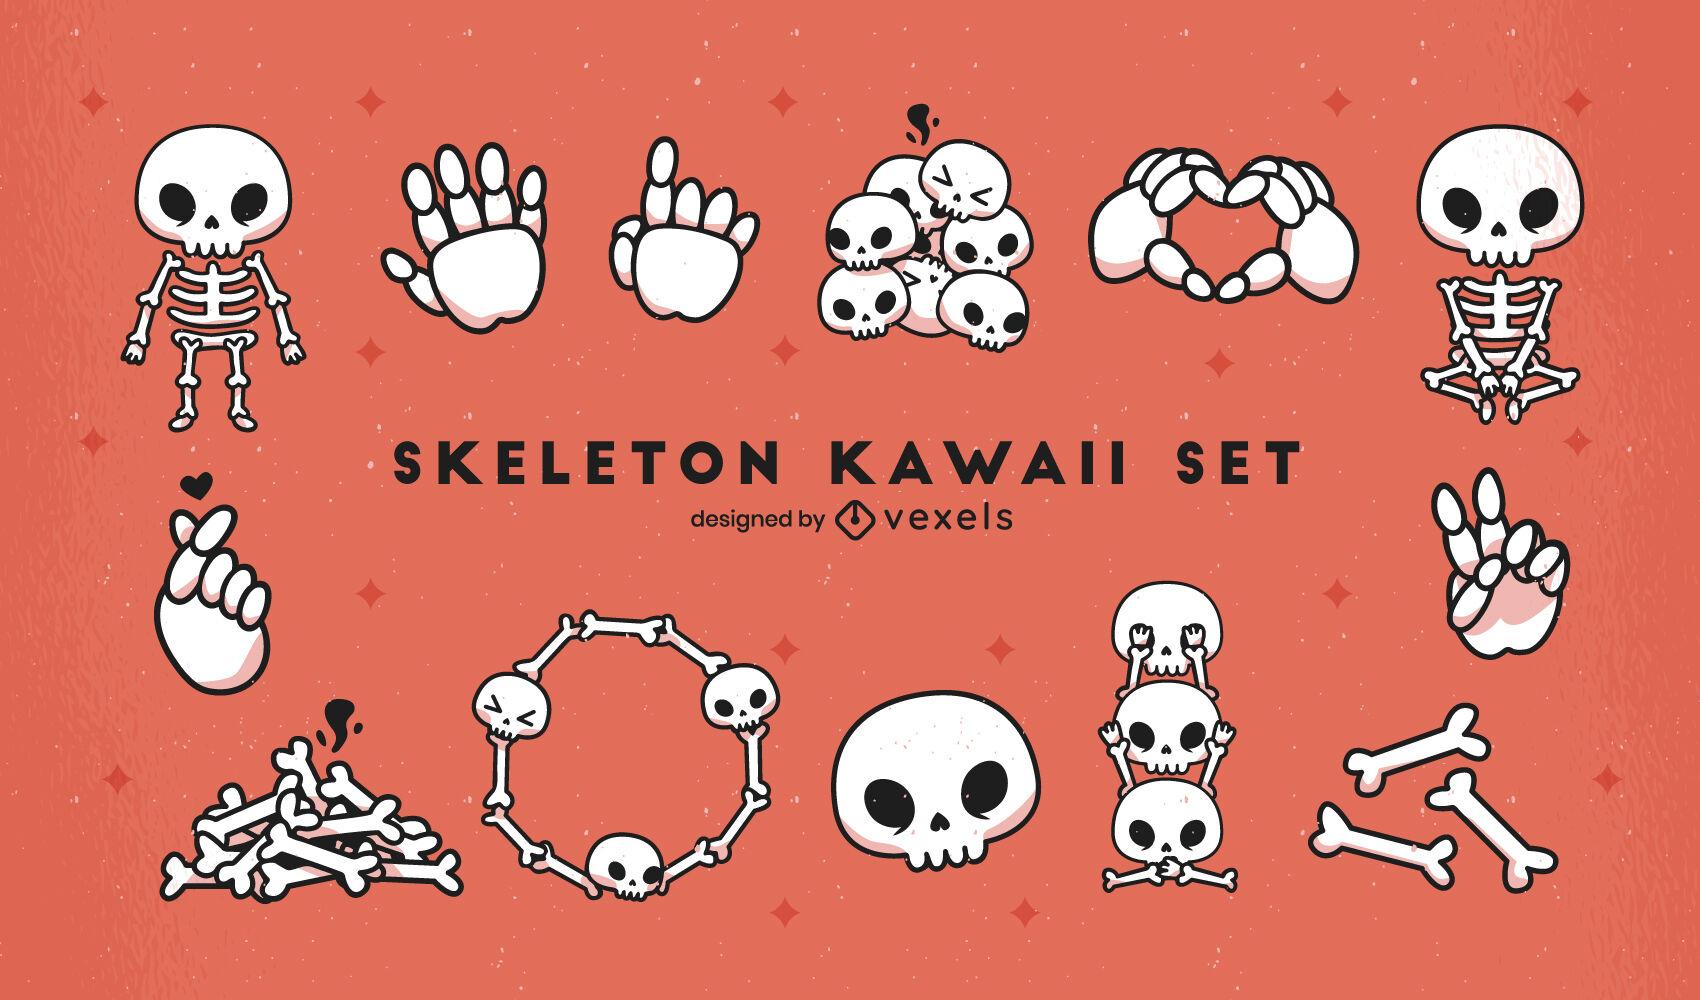 Skeleton and skulls kawaii character set